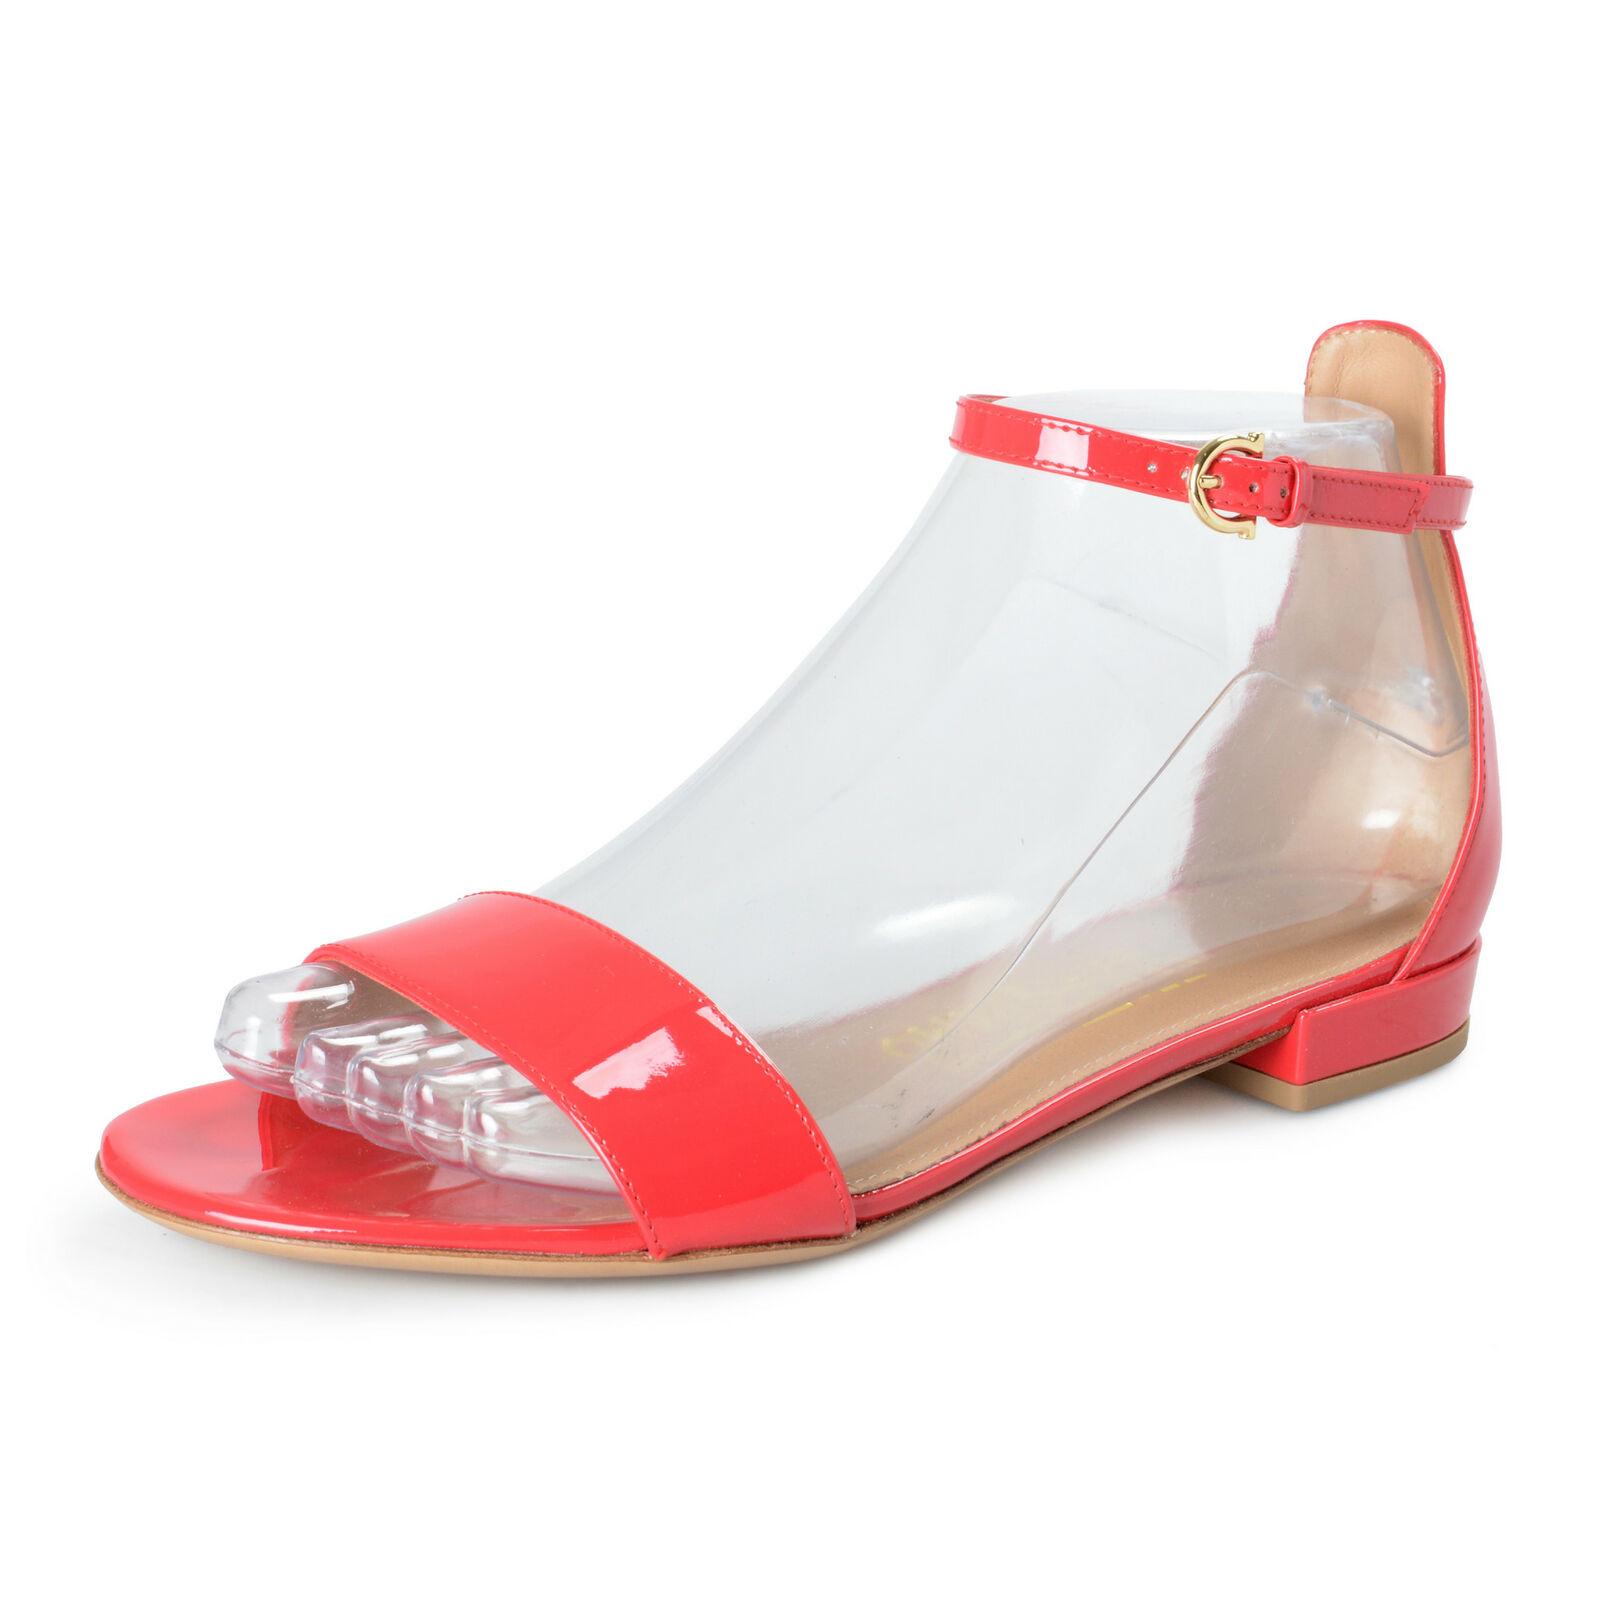 Salvatore Ferragamo Damen   Elgy   Rot Lackleder Absatz Sandalen Schuhe